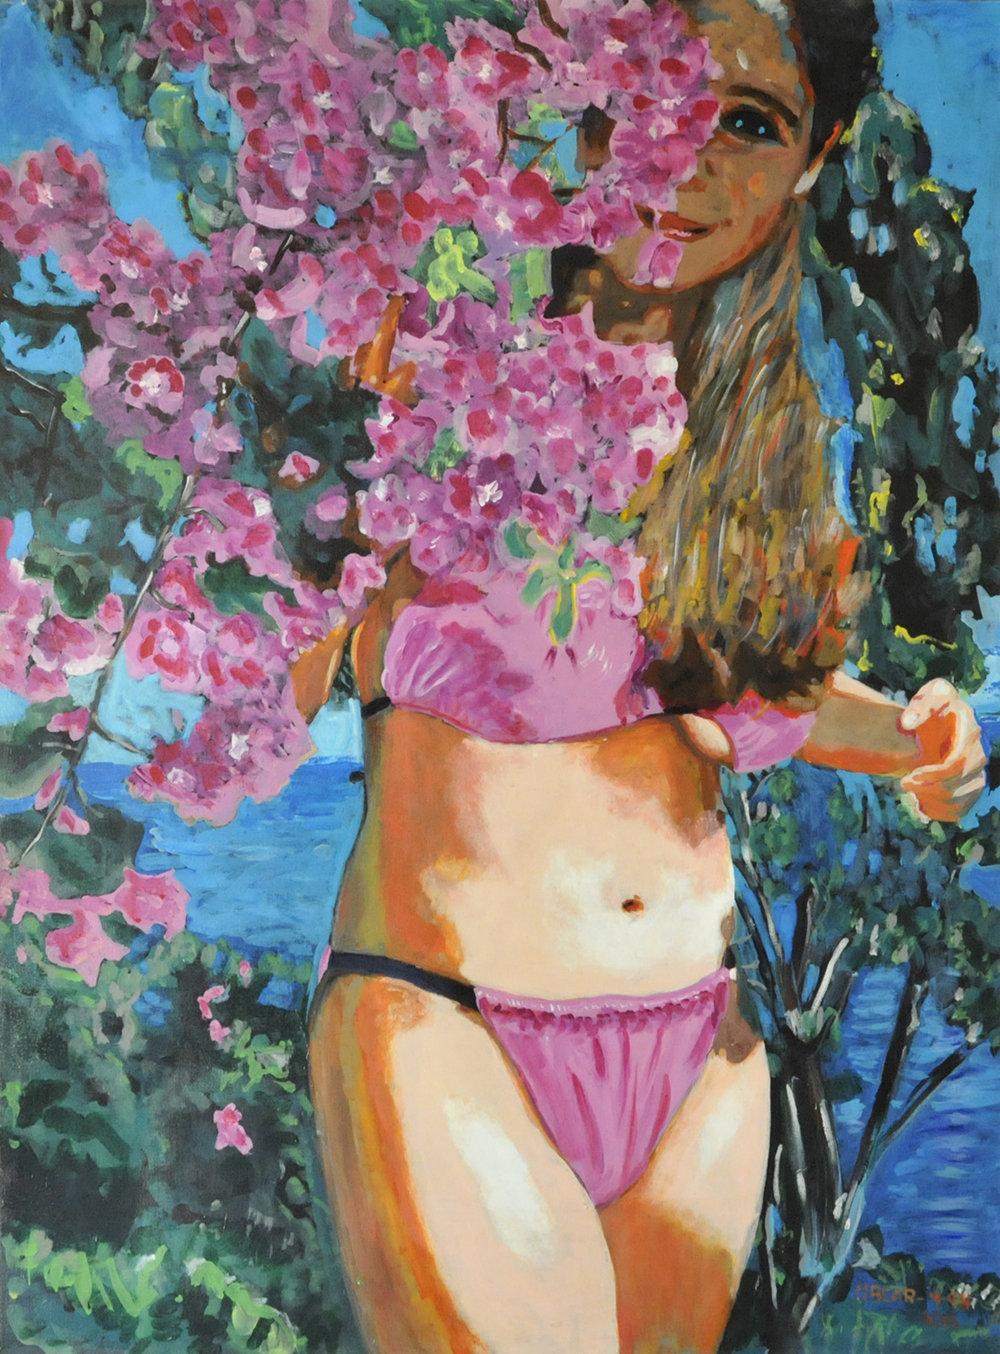 253_Ada__1994_Large_Portrait_cuzyya.jpg